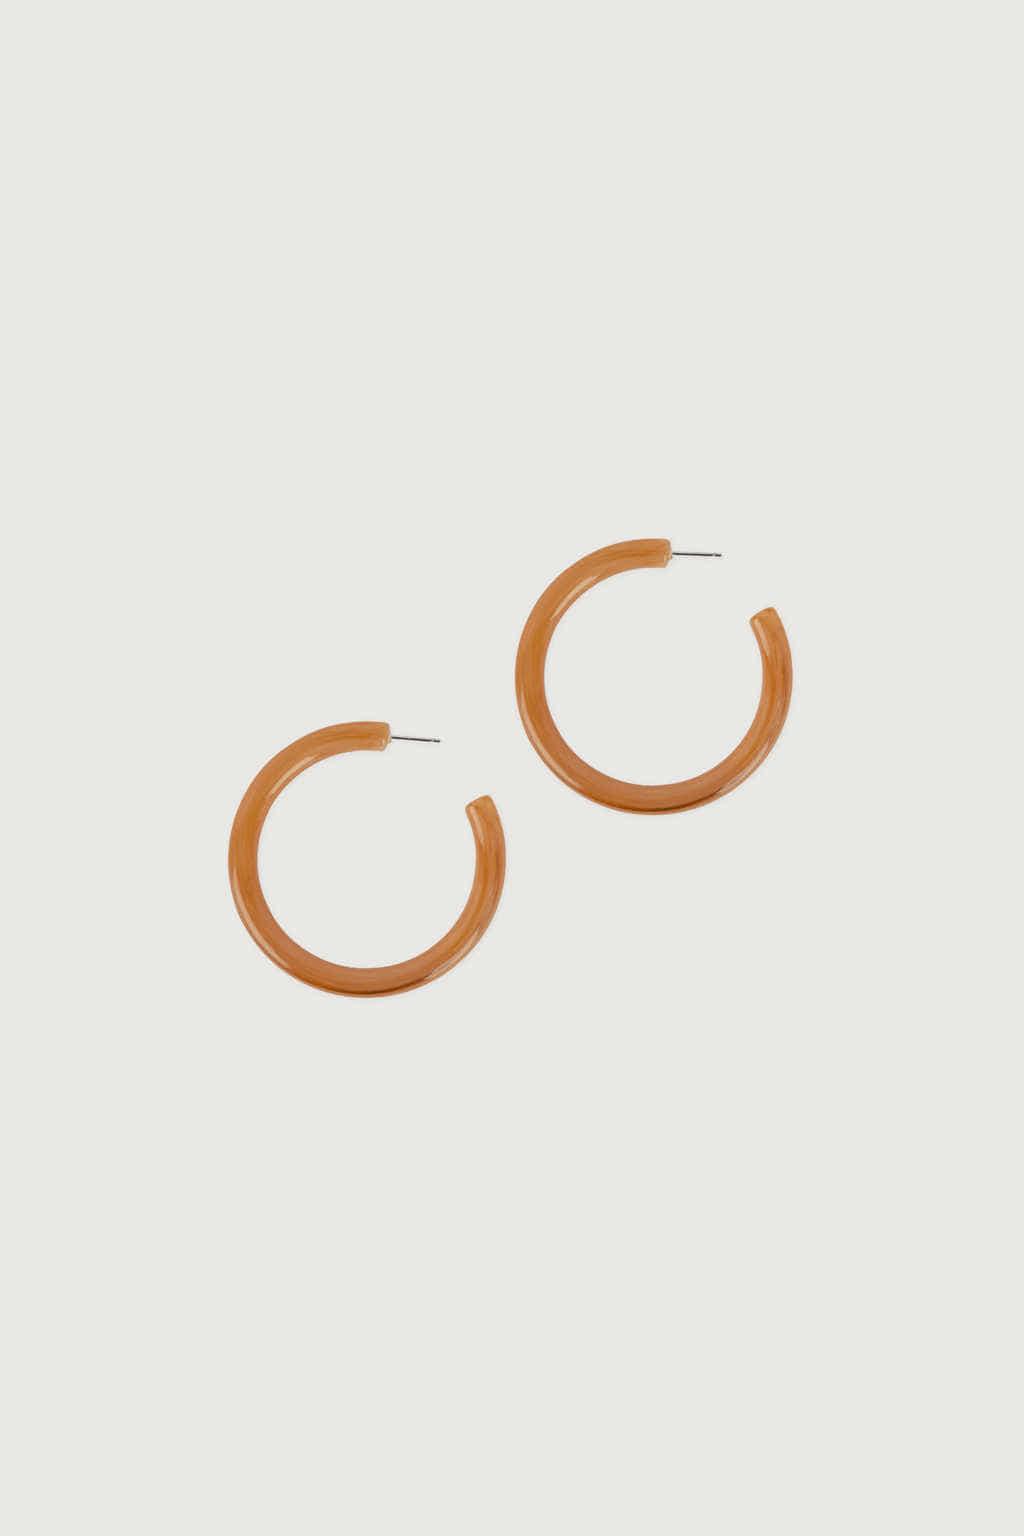 Earring K002 Orange 2